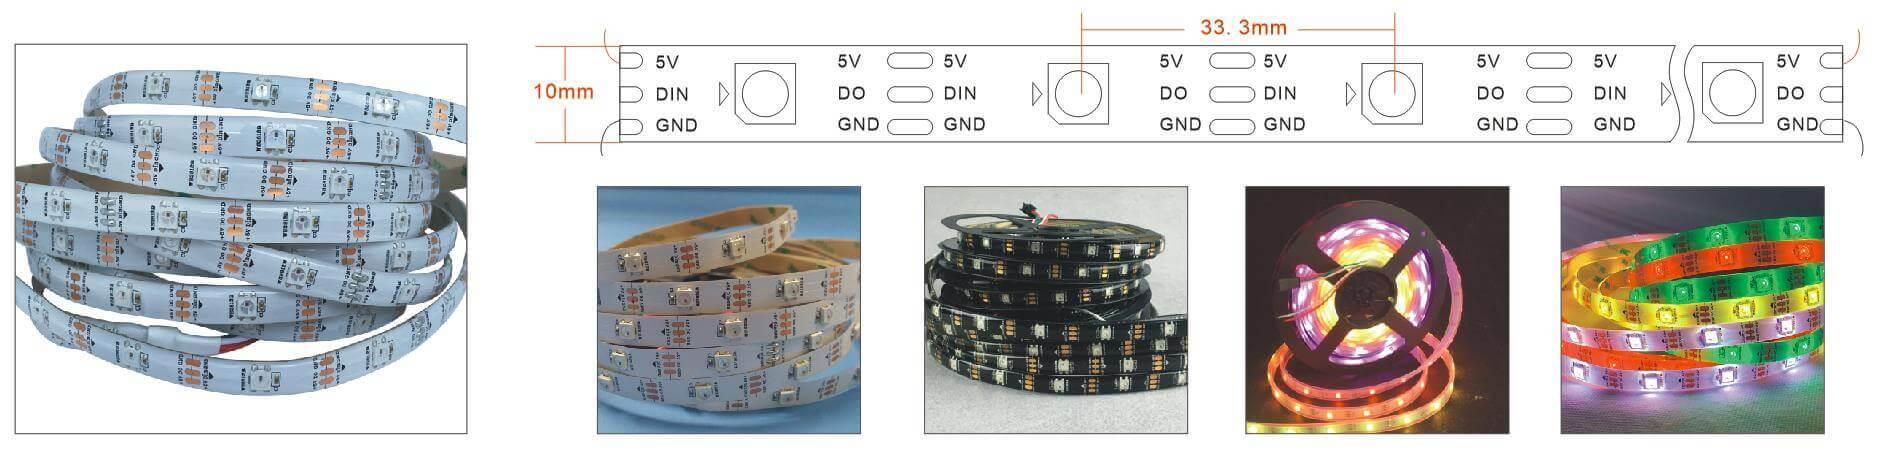 WS2812B 30 LED per meter Strip